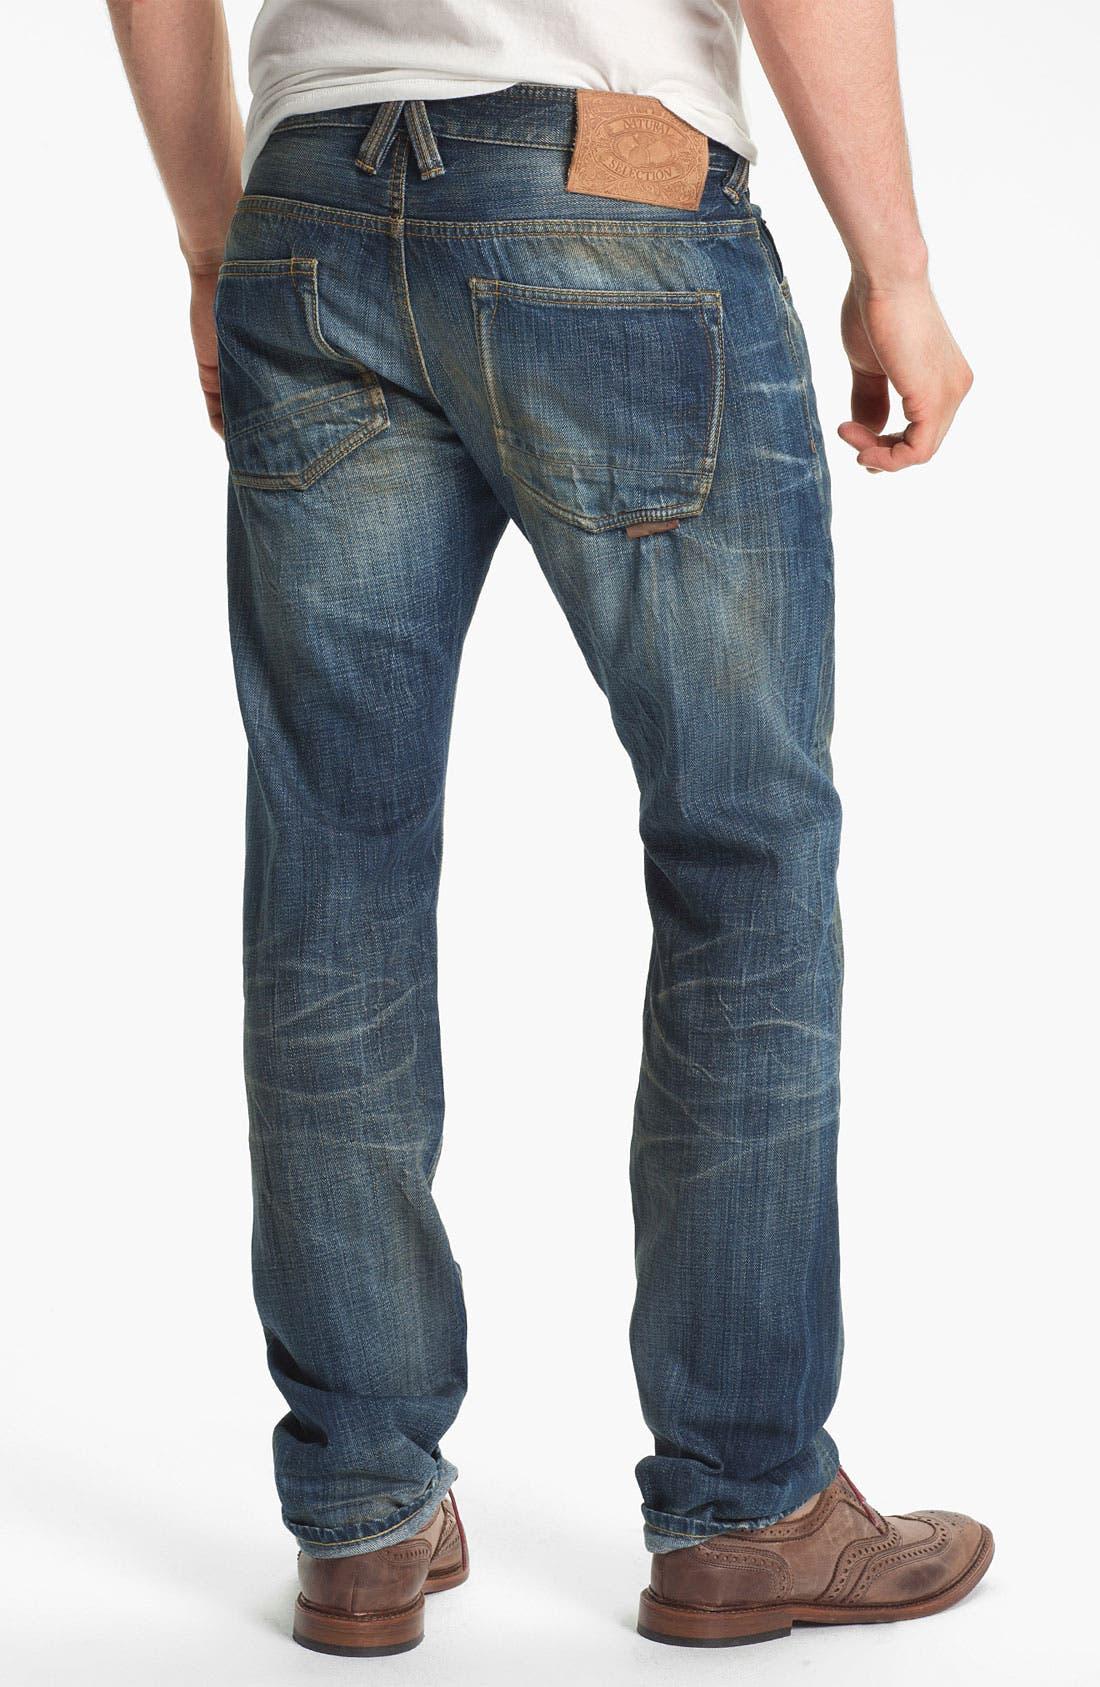 Alternate Image 1 Selected - Natural Selection Denim 'Broken' Narrow Straight Leg Selvedge Jeans (Dune)